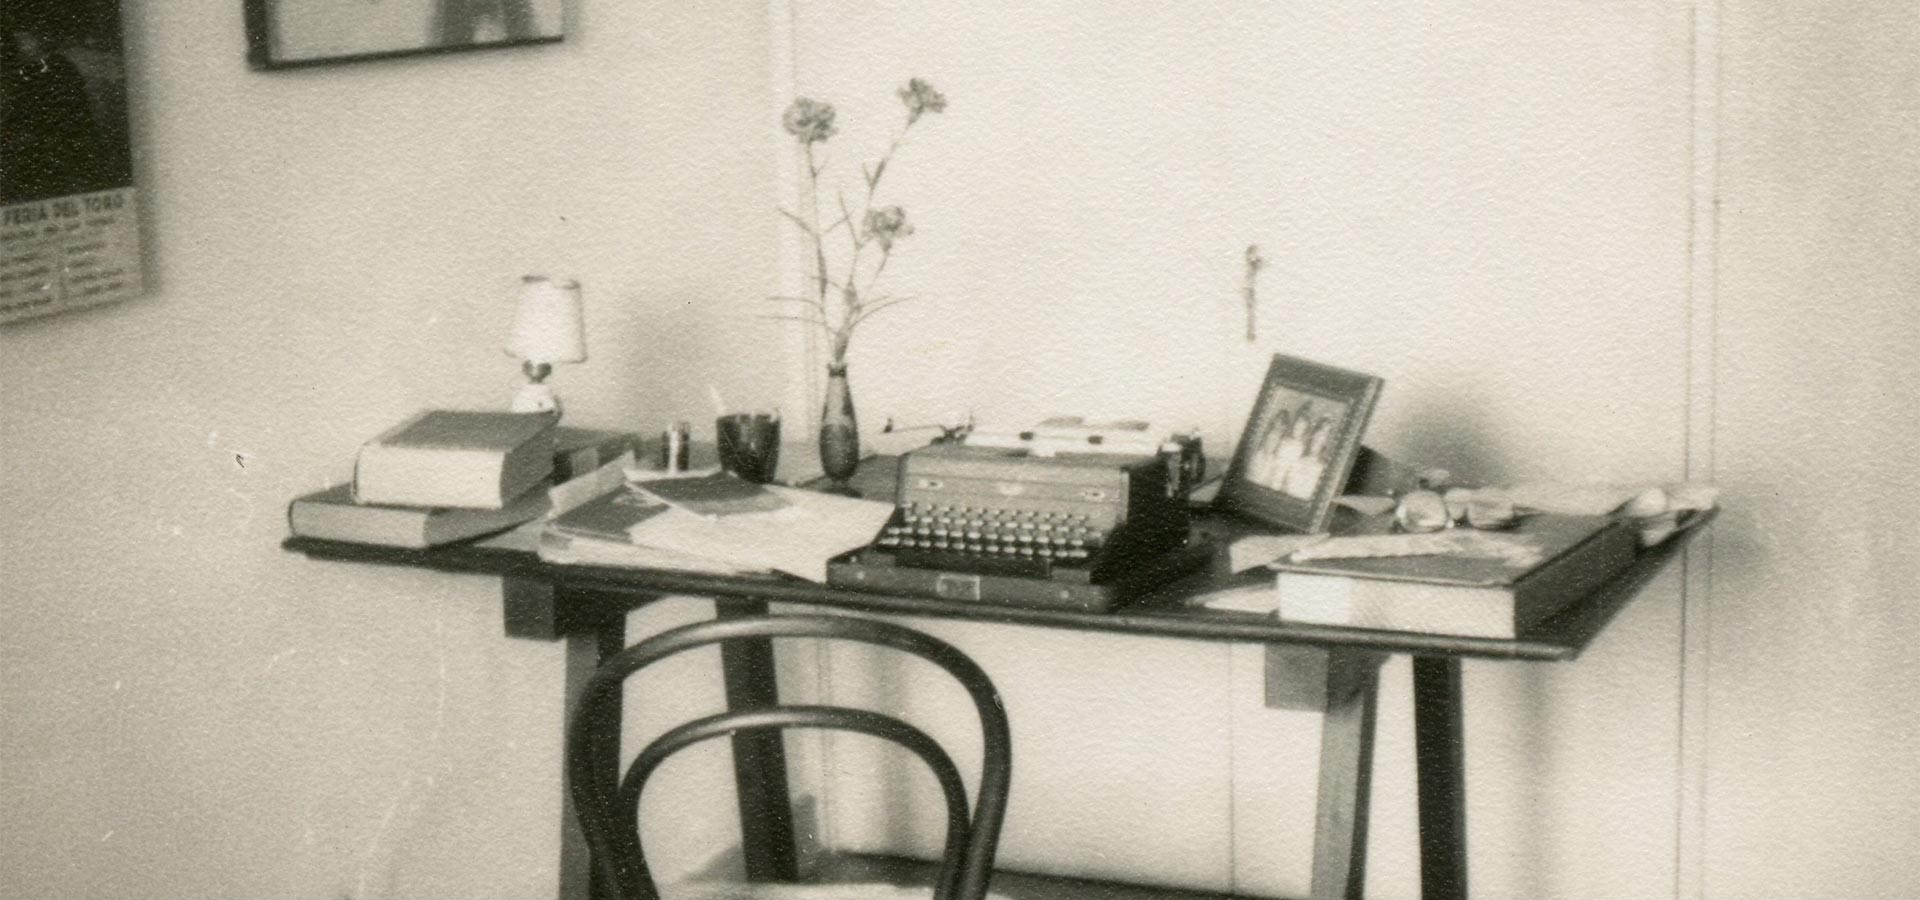 Mesa de Trabalho - Osman Lins